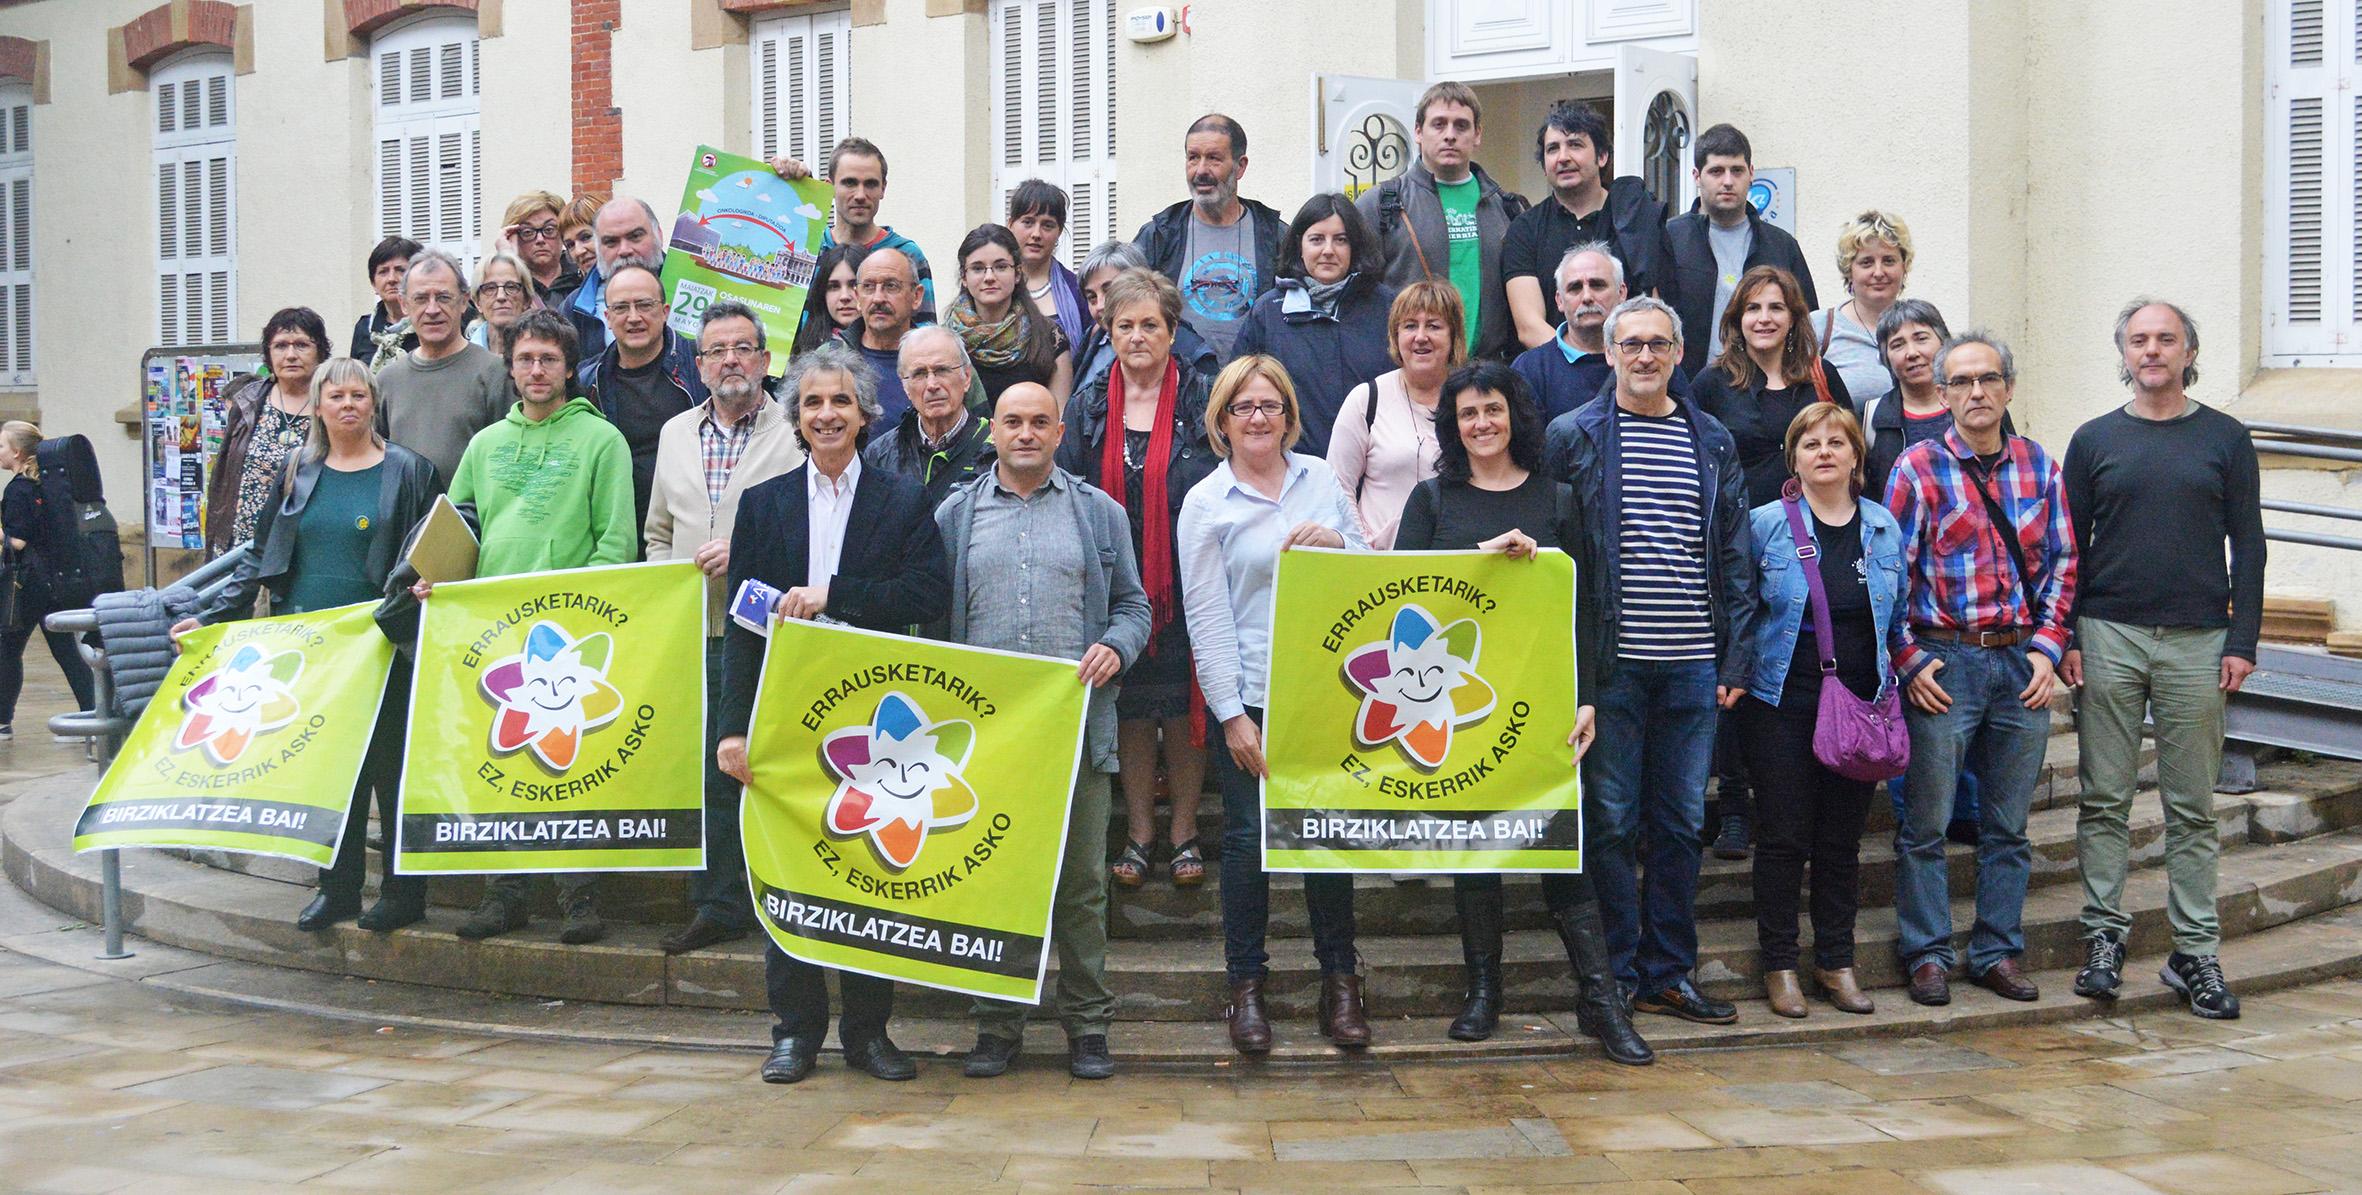 Rossano Ercolini, presidente de Zero Waste Europa ha visitado la «zona cero» donde quieren construir la incineradora de Zubieta